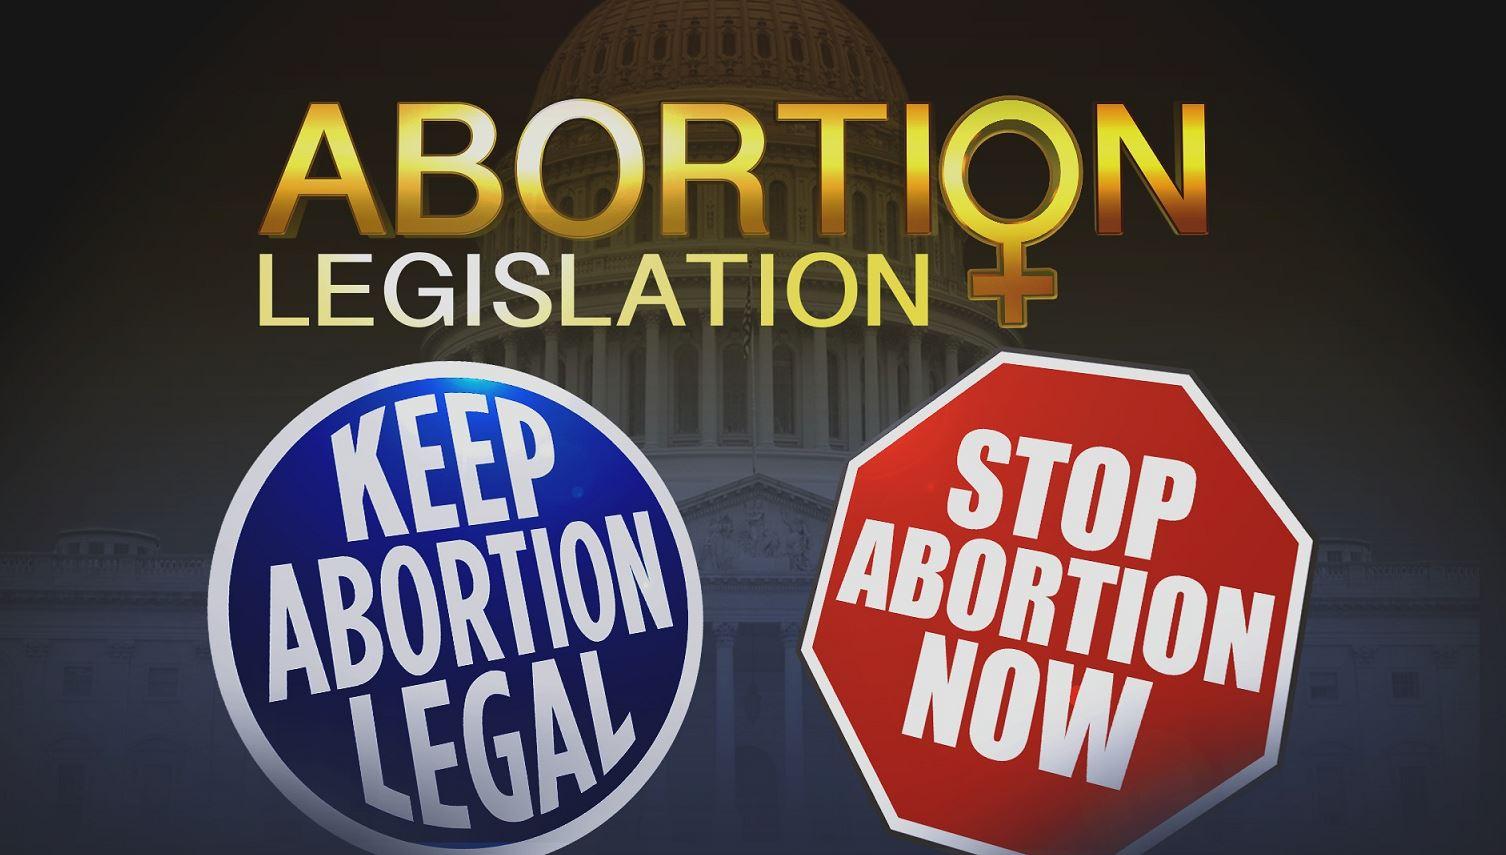 ABORTION DEBATE_1555546401583.JPG.jpg